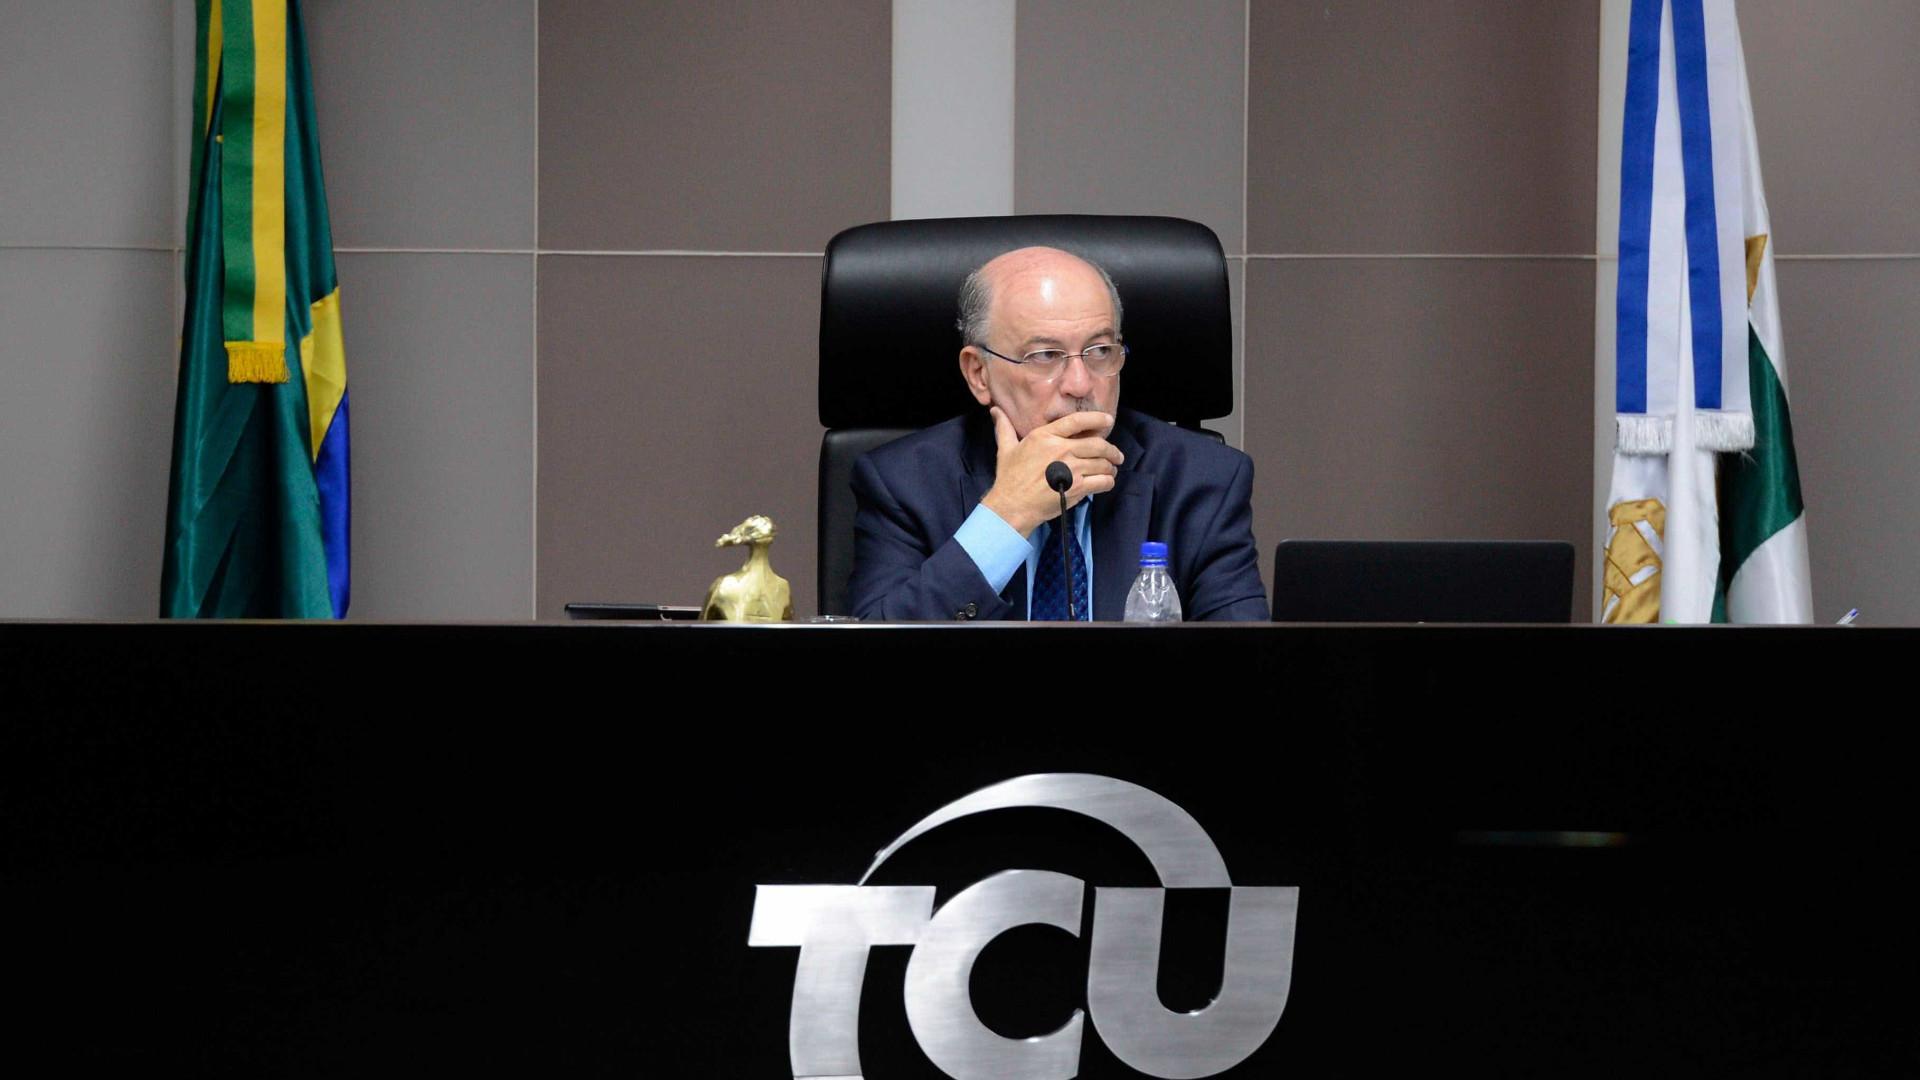 Procuradoria denuncia ministro do TCU por tráfico de influência